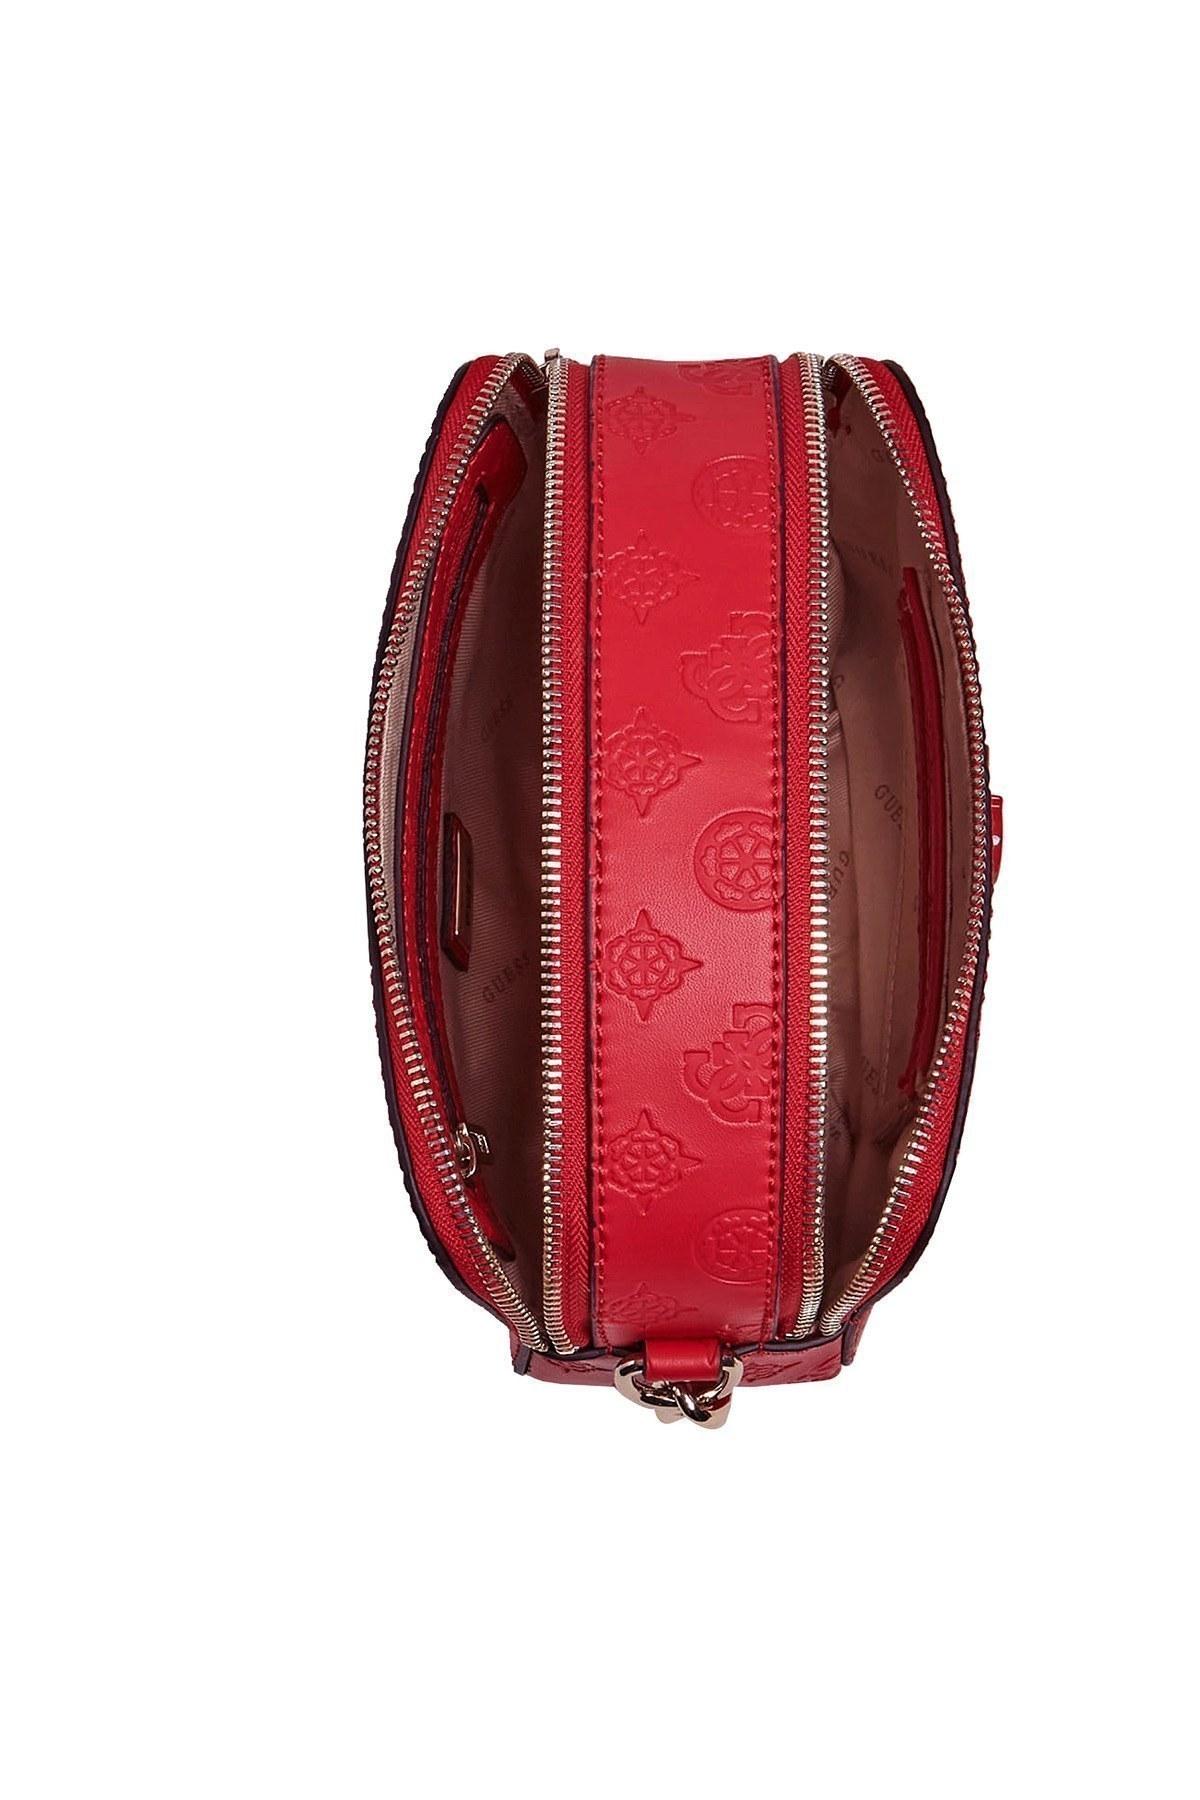 Guess Zircir Askı Detaylı Marka Logolu Noelle Bayan Çanta HWPD7879140 RED KIRMIZI